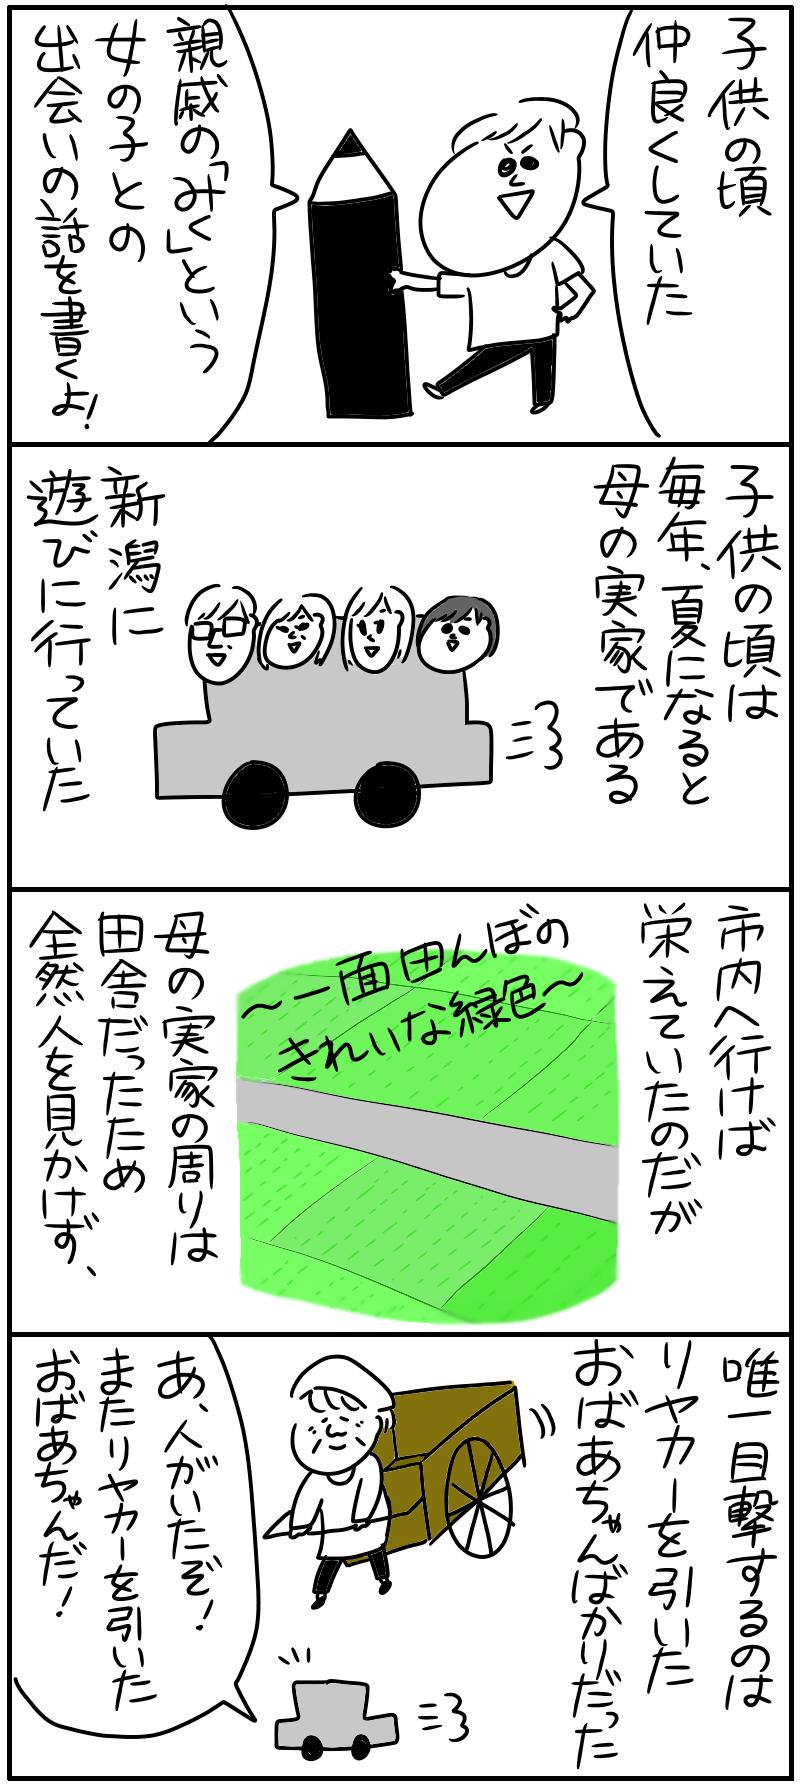 みくとの出会い〜前編〜_f0346353_12244122.png